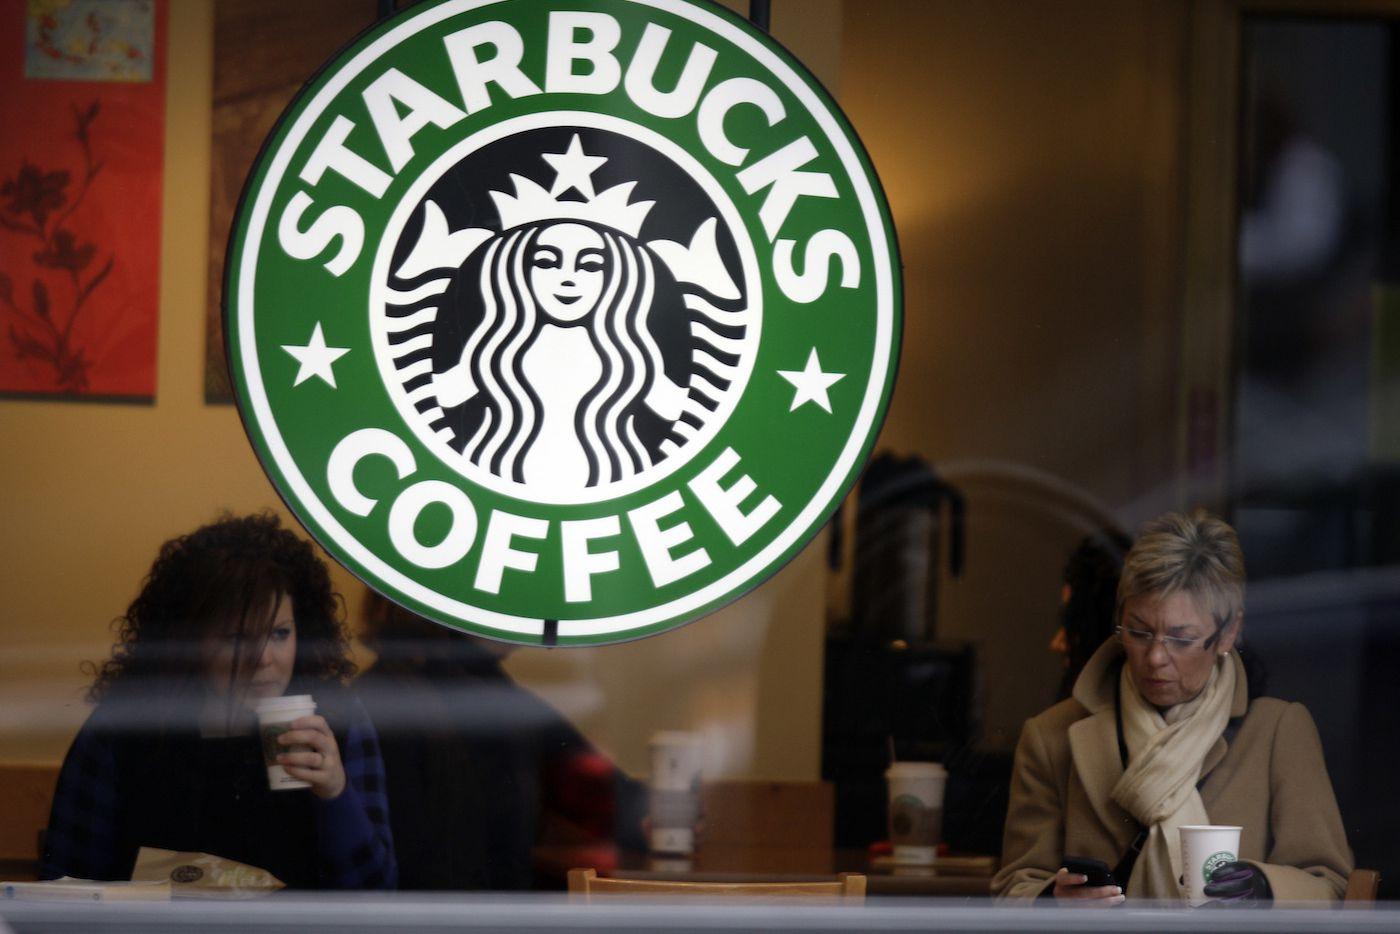 Un nuevo local de Starbucks abrirá en el sur de Oak Cliff.